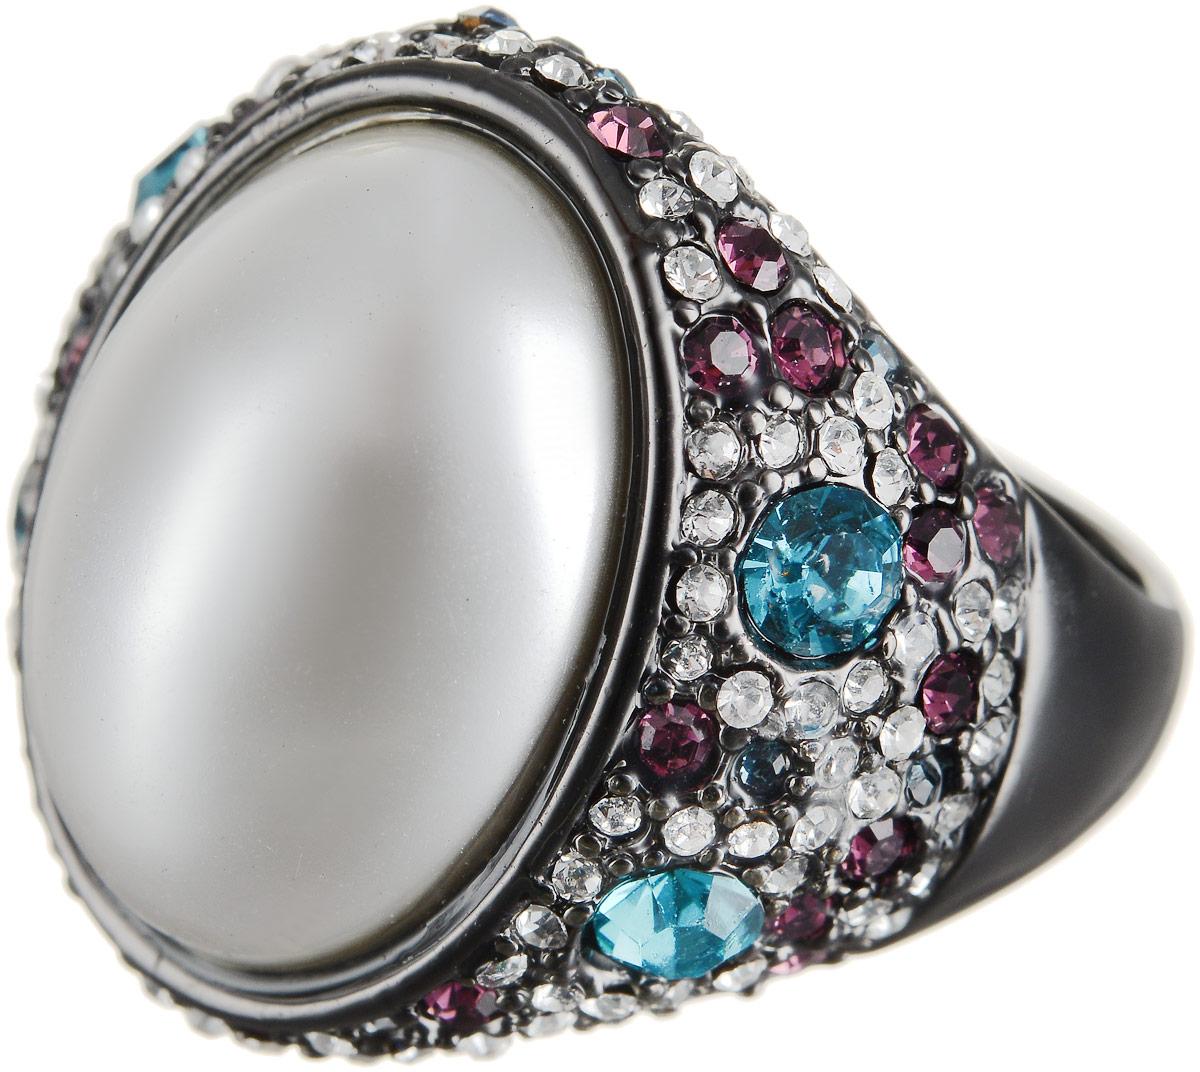 Кольцо Art-Silver, цвет: черный, перламутровый. 066079-601-1202. Размер 17,5066079-601-1202Оригинальное кольцо Art-Silver выполнено из бижутерного сплава с гальваническим покрытием. Кольцо украшено декоративными вставками. Элегантное кольцо Art-Silver превосходно дополнит ваш образ и подчеркнет отменное чувство стиля своей обладательницы.